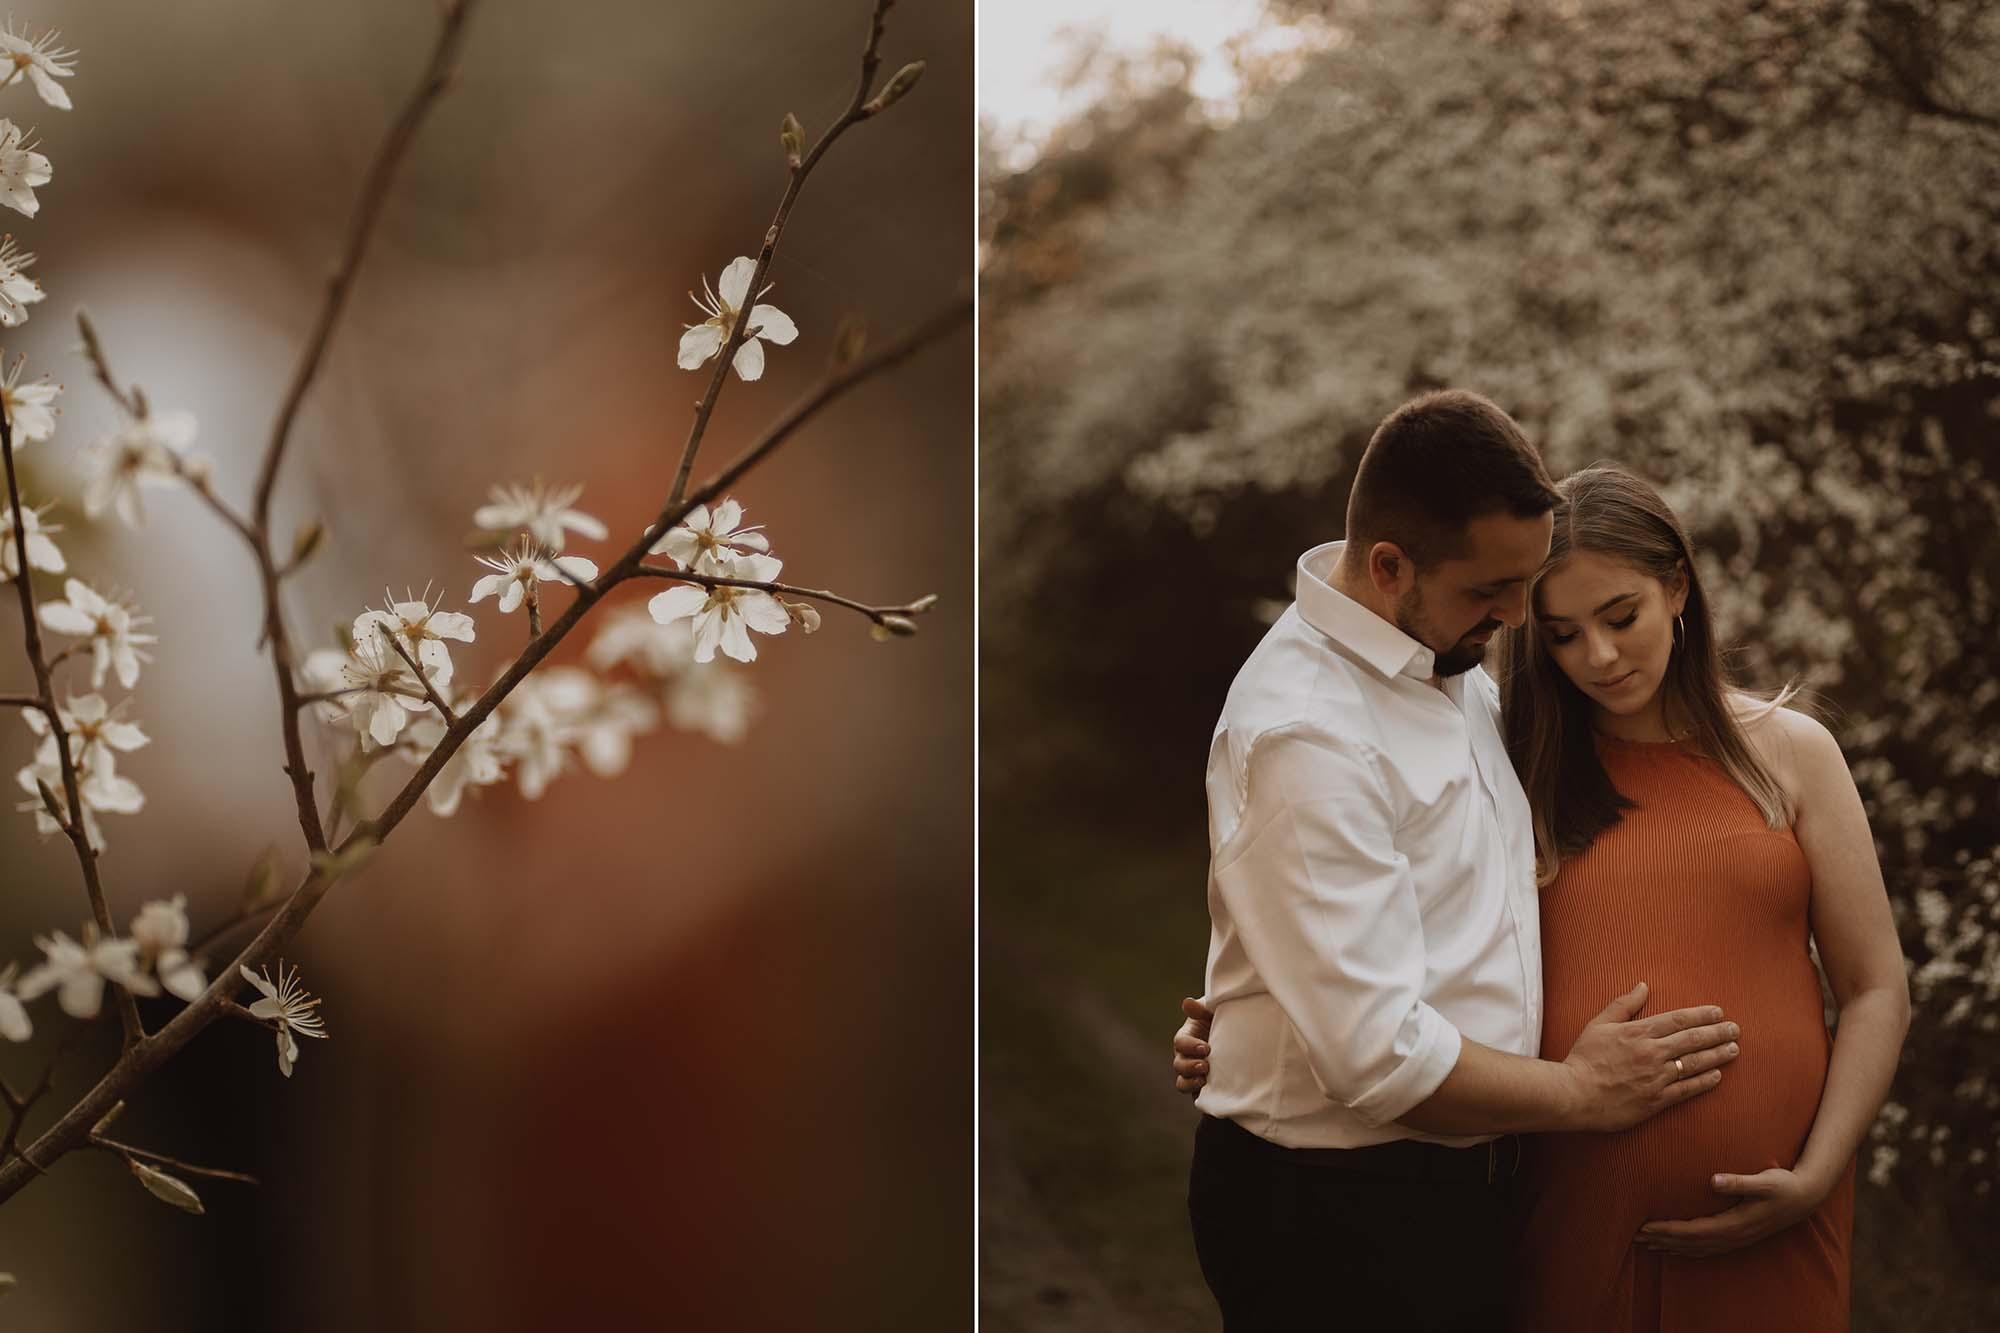 Wiosenna sesja ciazowa kielce00008 - Wiosenna sesja ciążowa